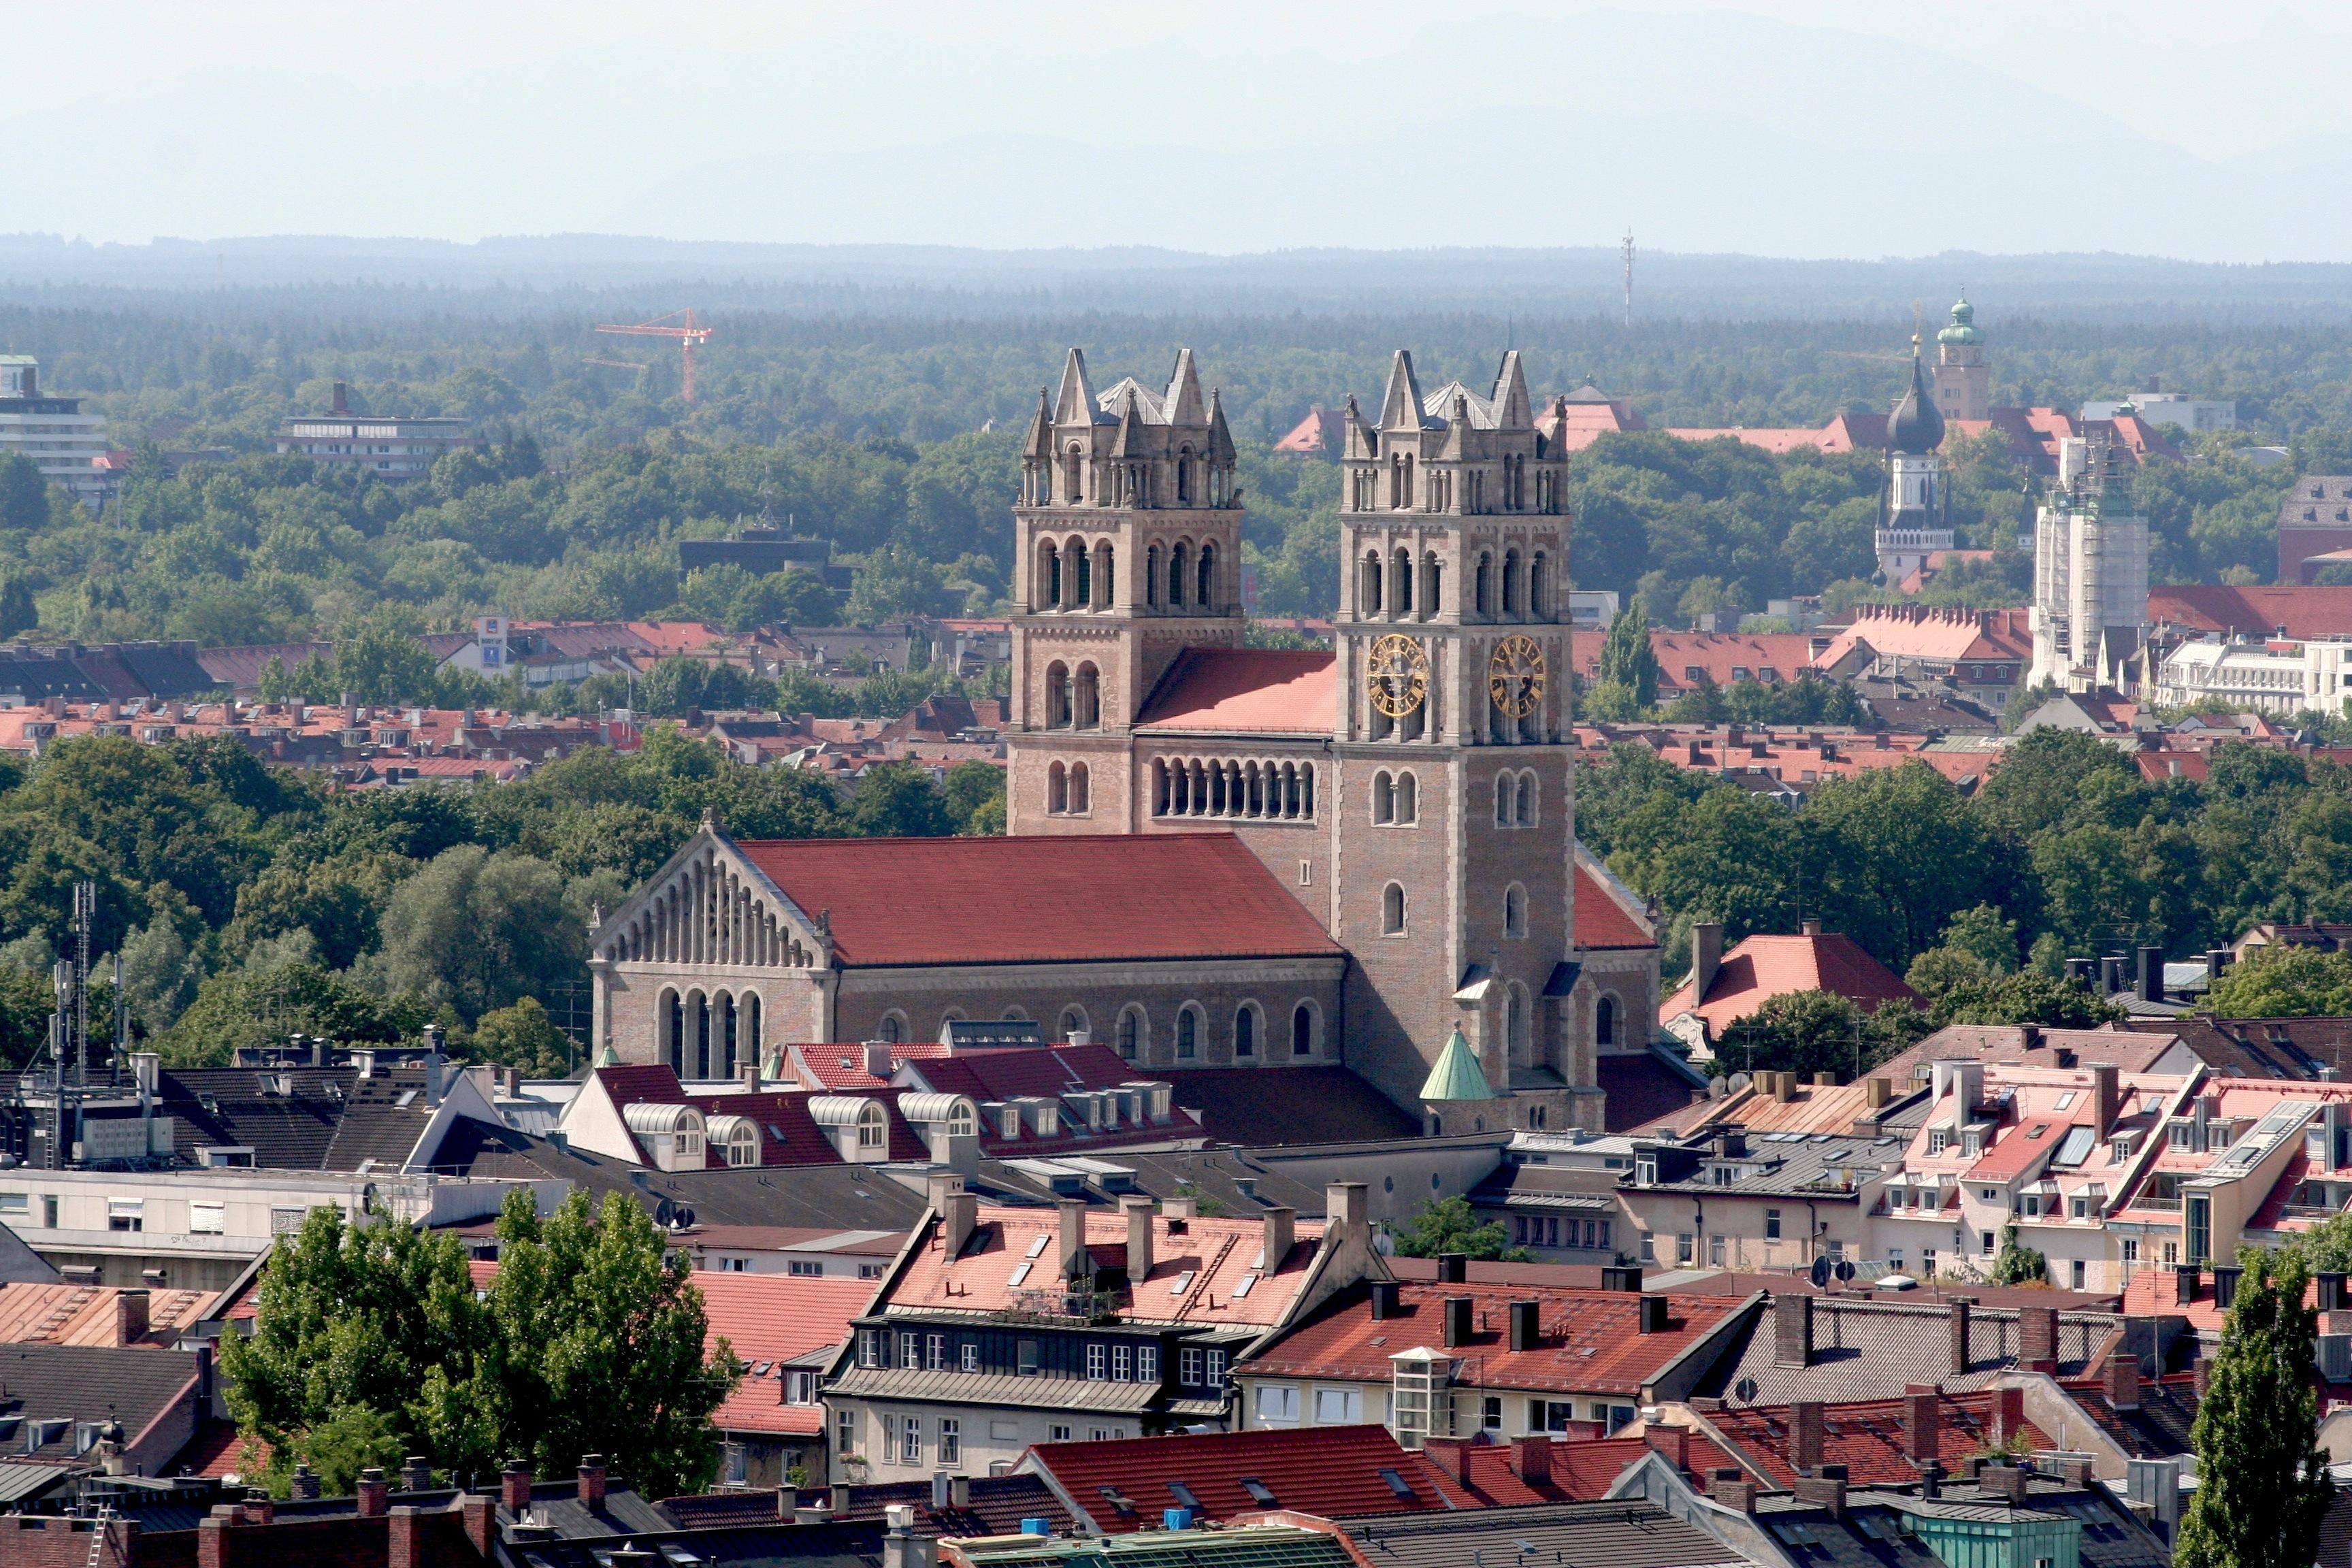 St. Maximilian vom Alten Peter gesehen